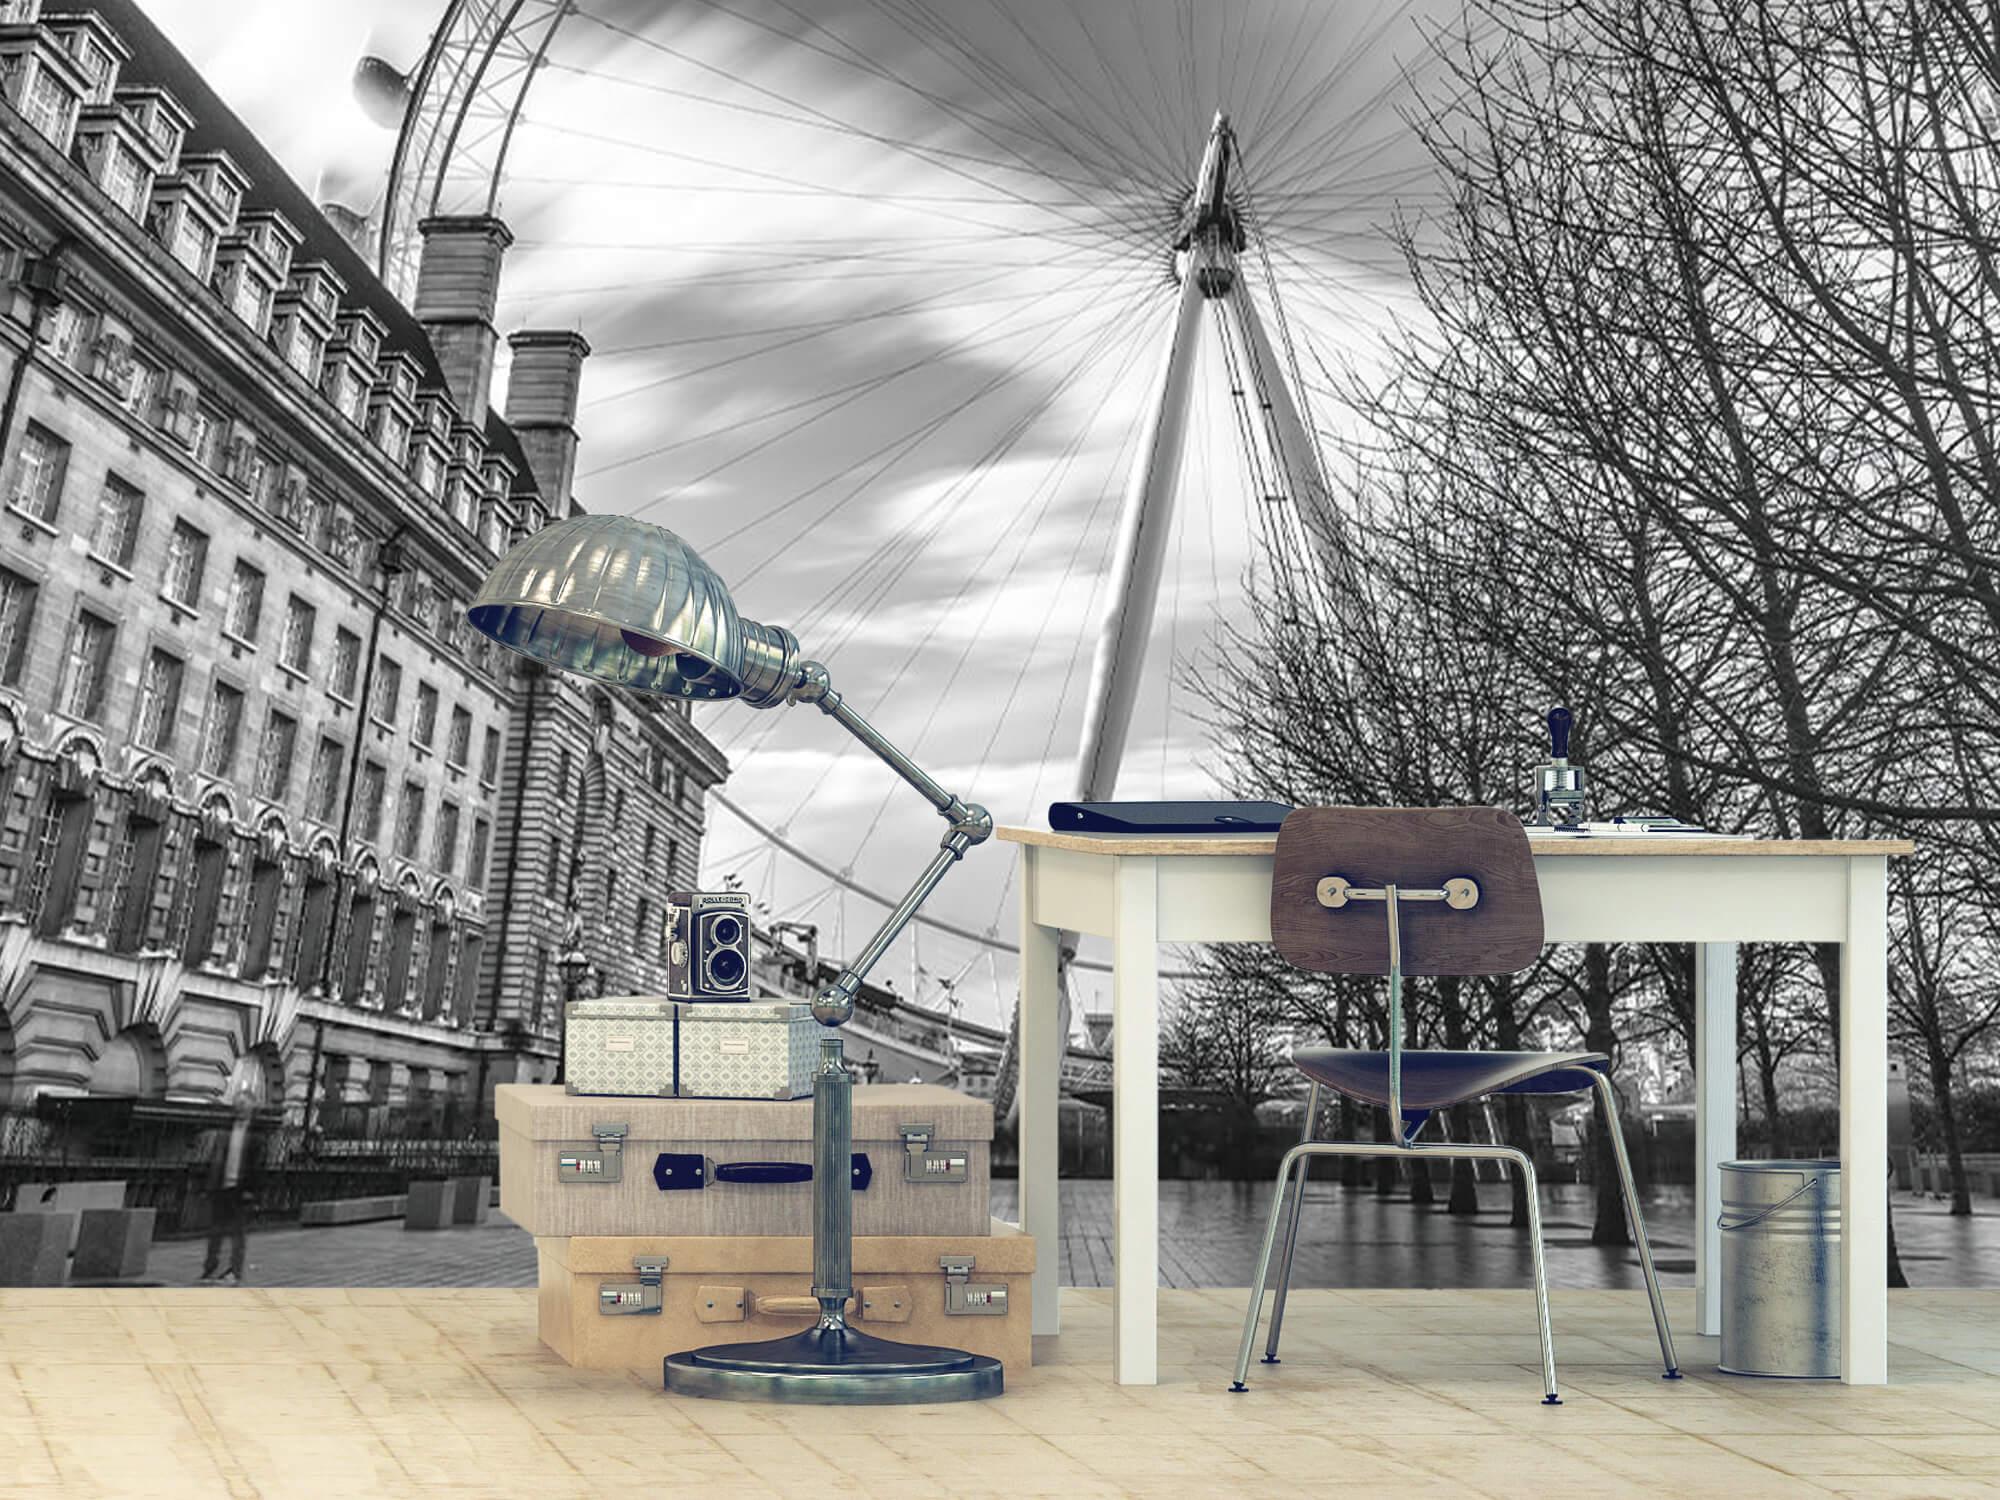 Ferris wheel in London 10